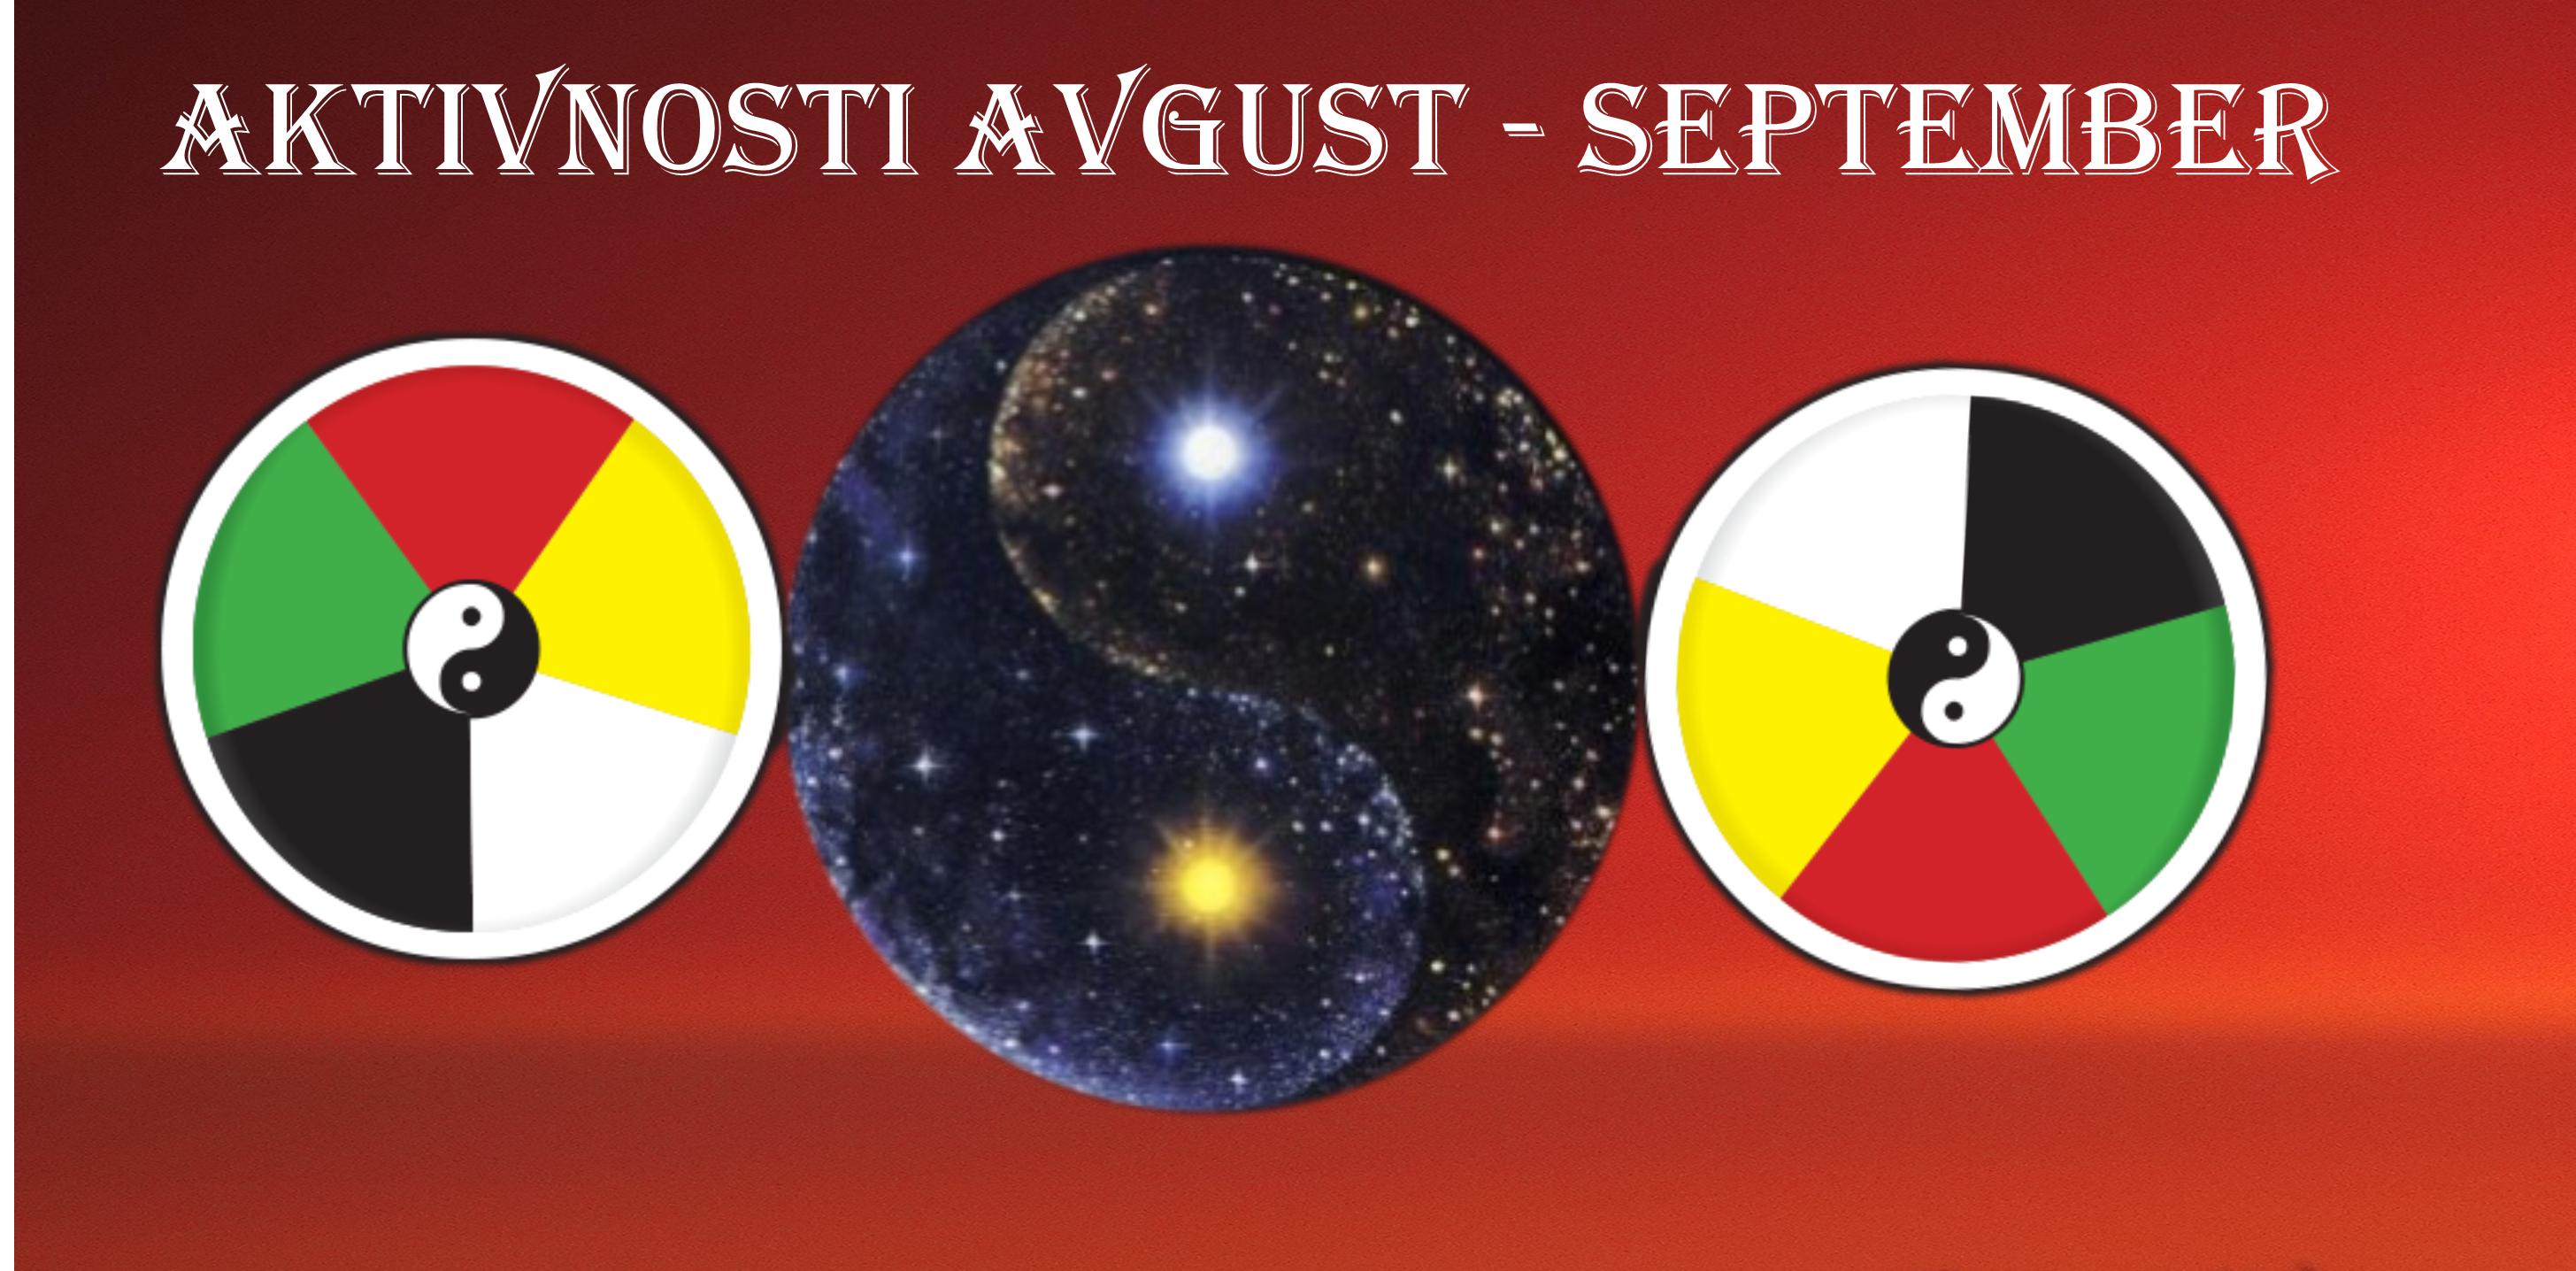 Spiraline aktivnosti v avgustu in septembru